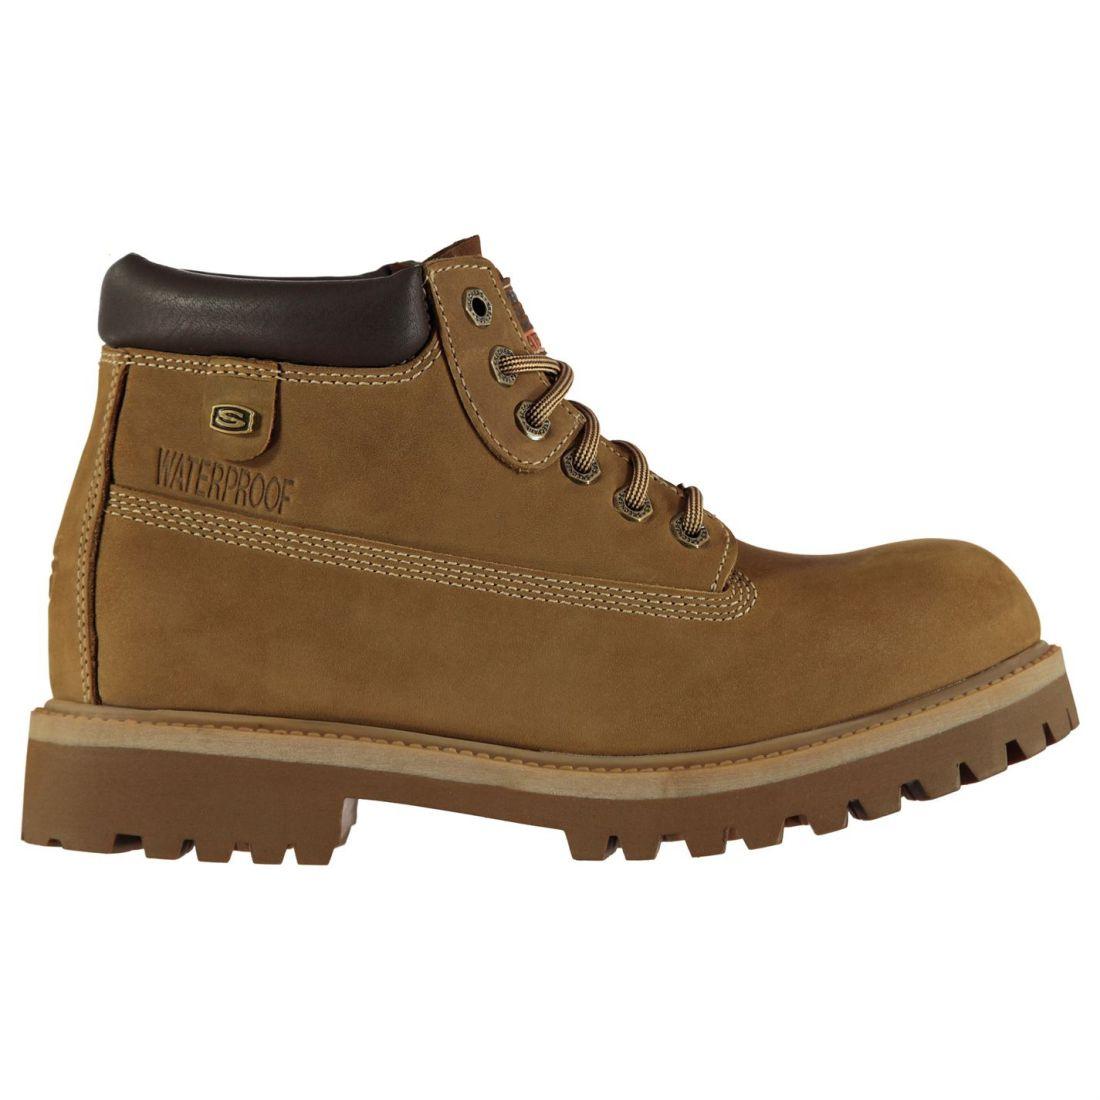 días Veredicto Usa Sujetados Caballeros Skechers Botas Zapatos Agua Cordones Desierto Todos los Hombres pxwq00d5B